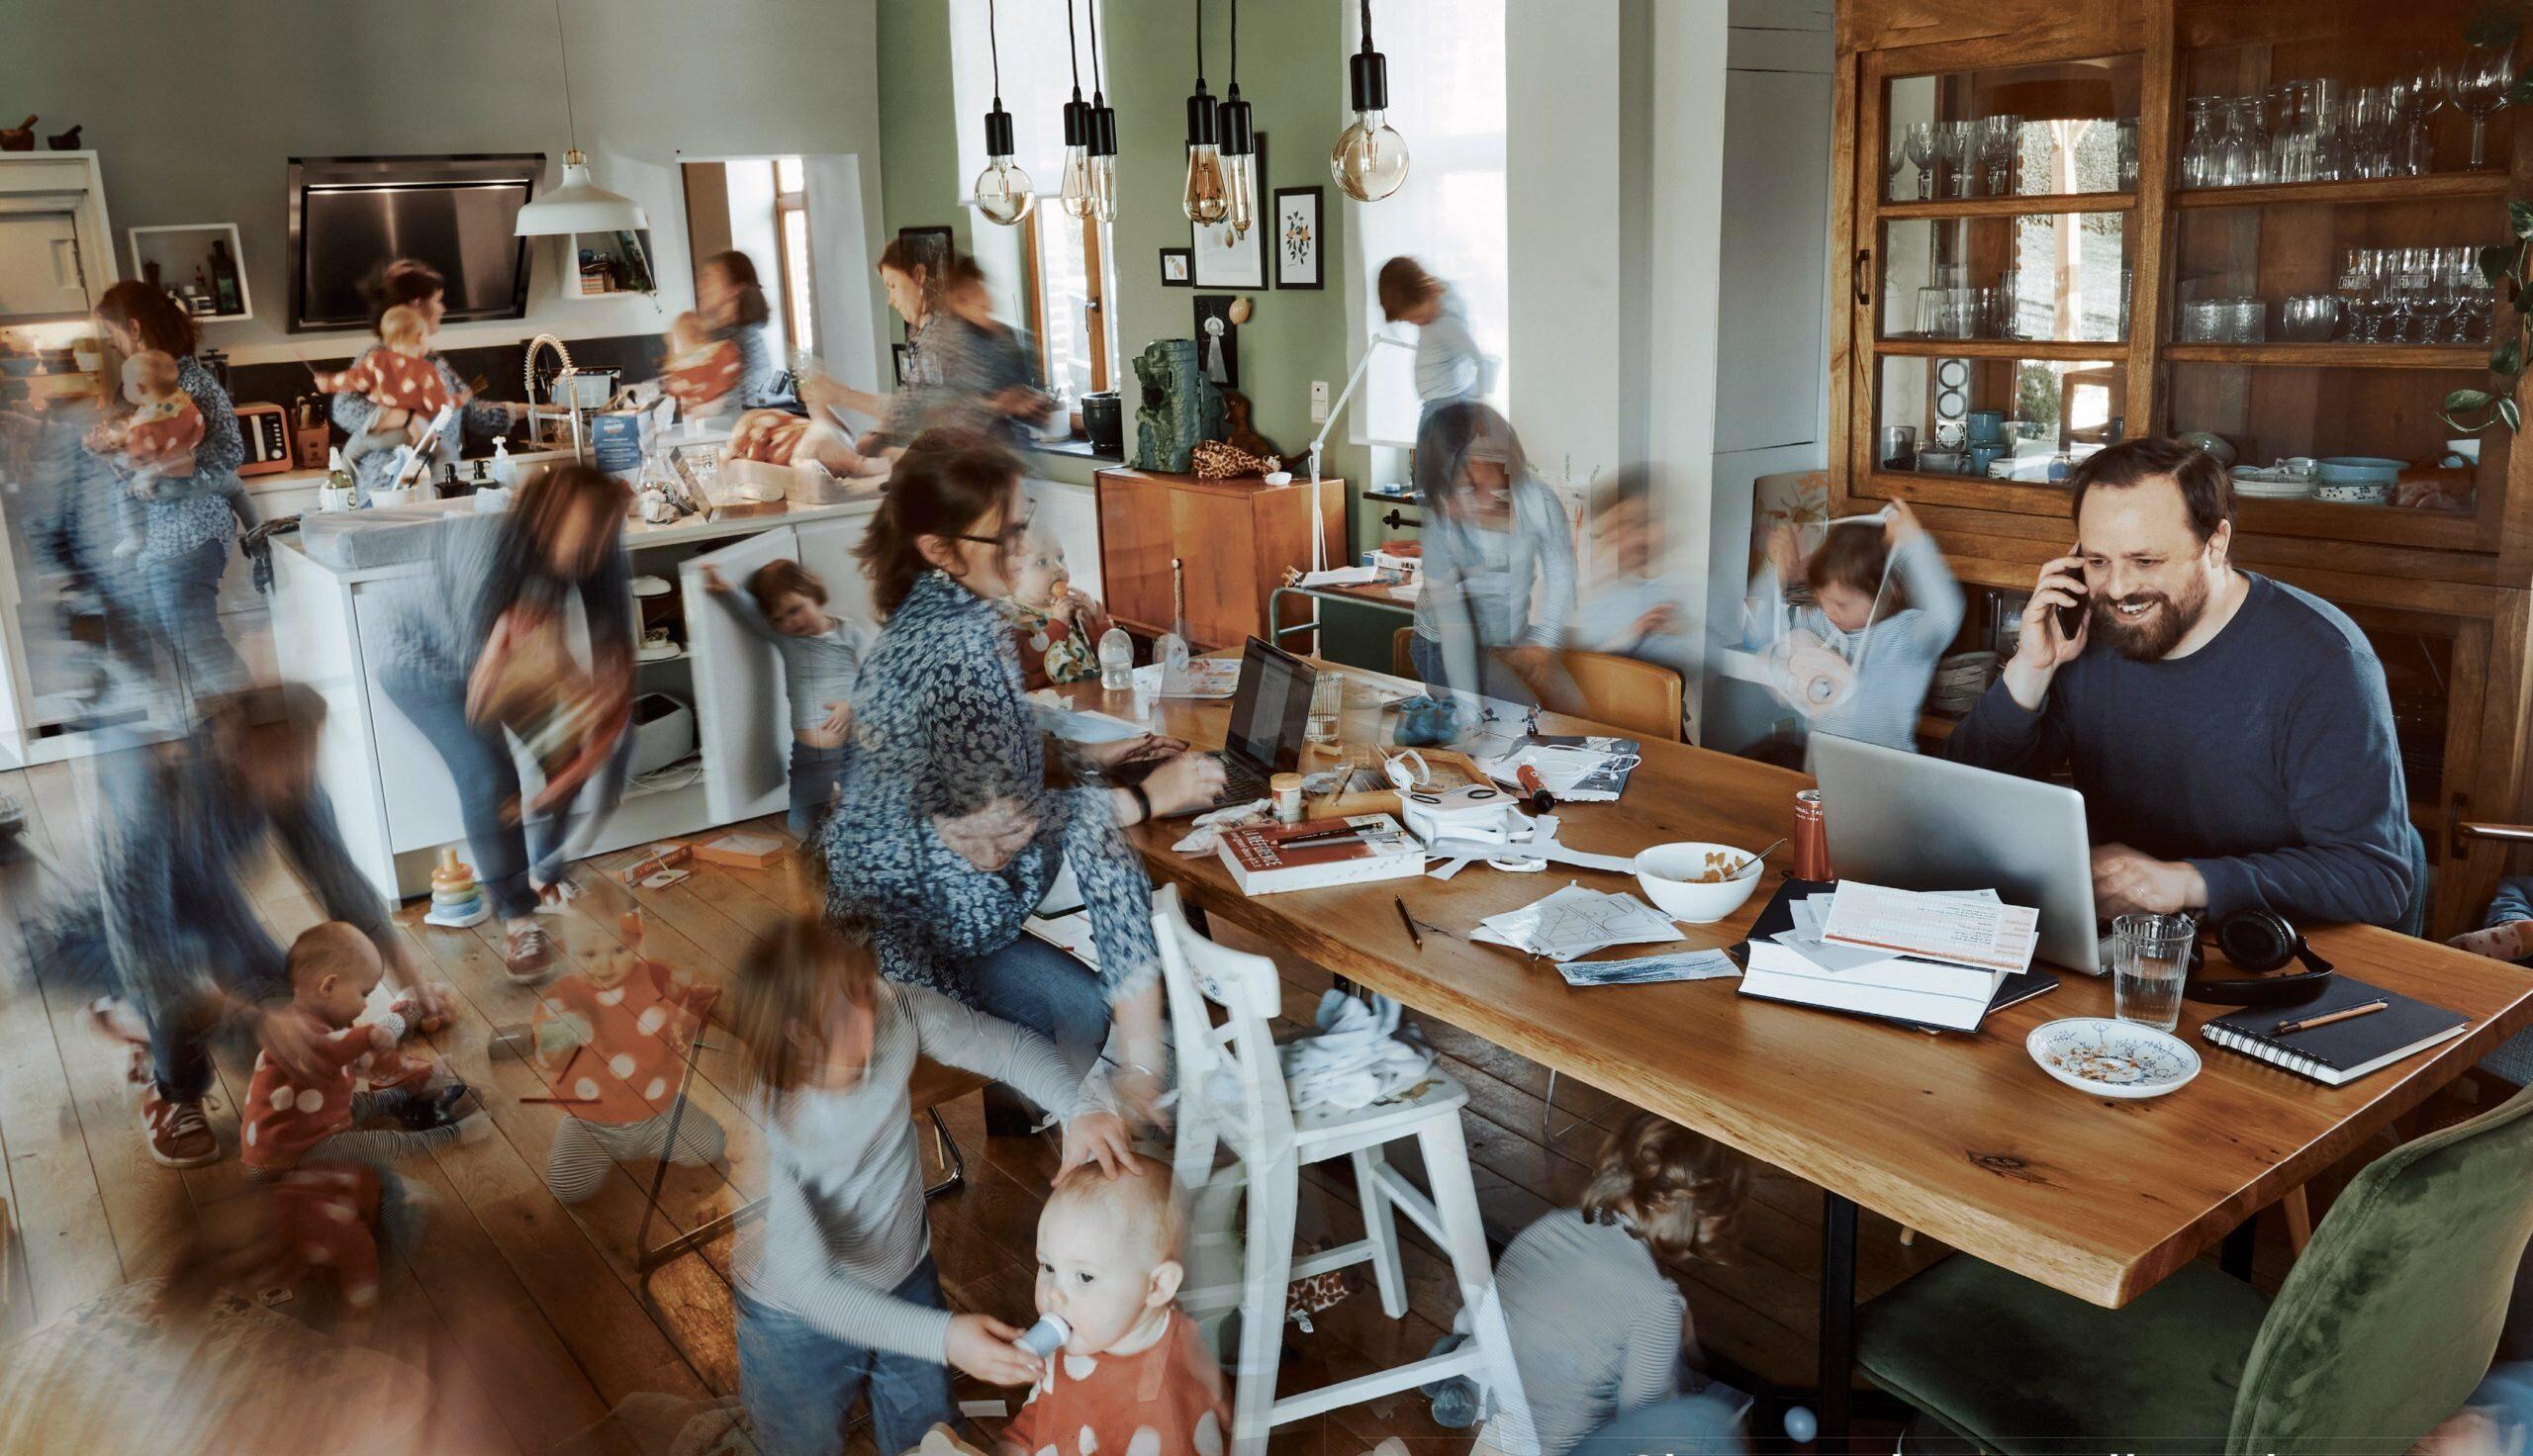 man zit aan tafel in de woonkamer, terwijl de vrouw overal tegelijk gefotoshopt is